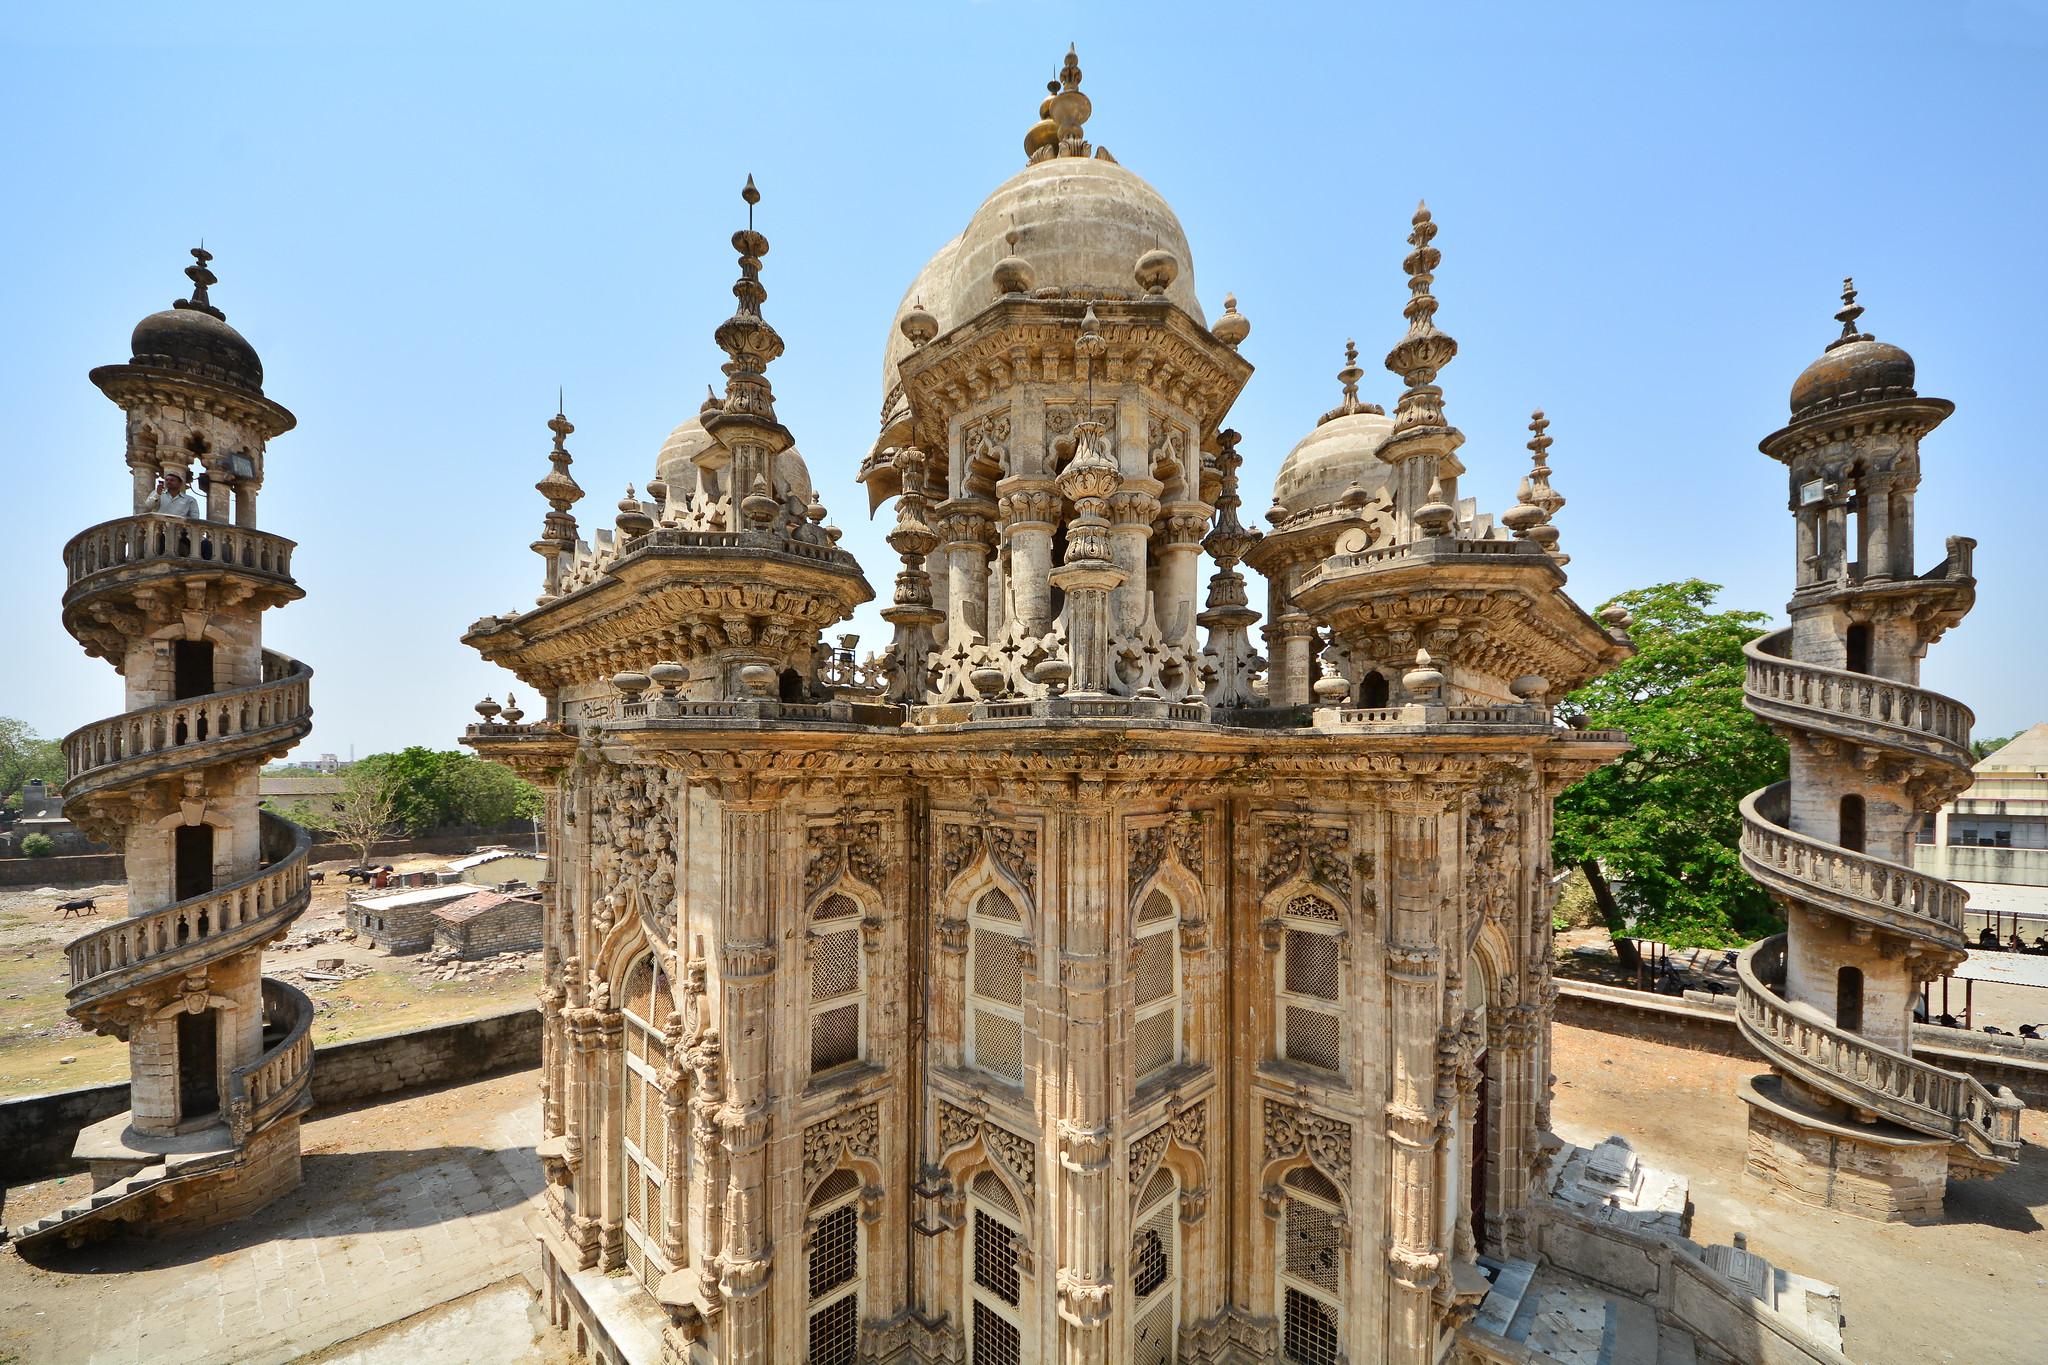 Junagadh India  city photos gallery : India Gujarat Junagadh Mahabat Maqbara Palace Mausol… | Flickr ...